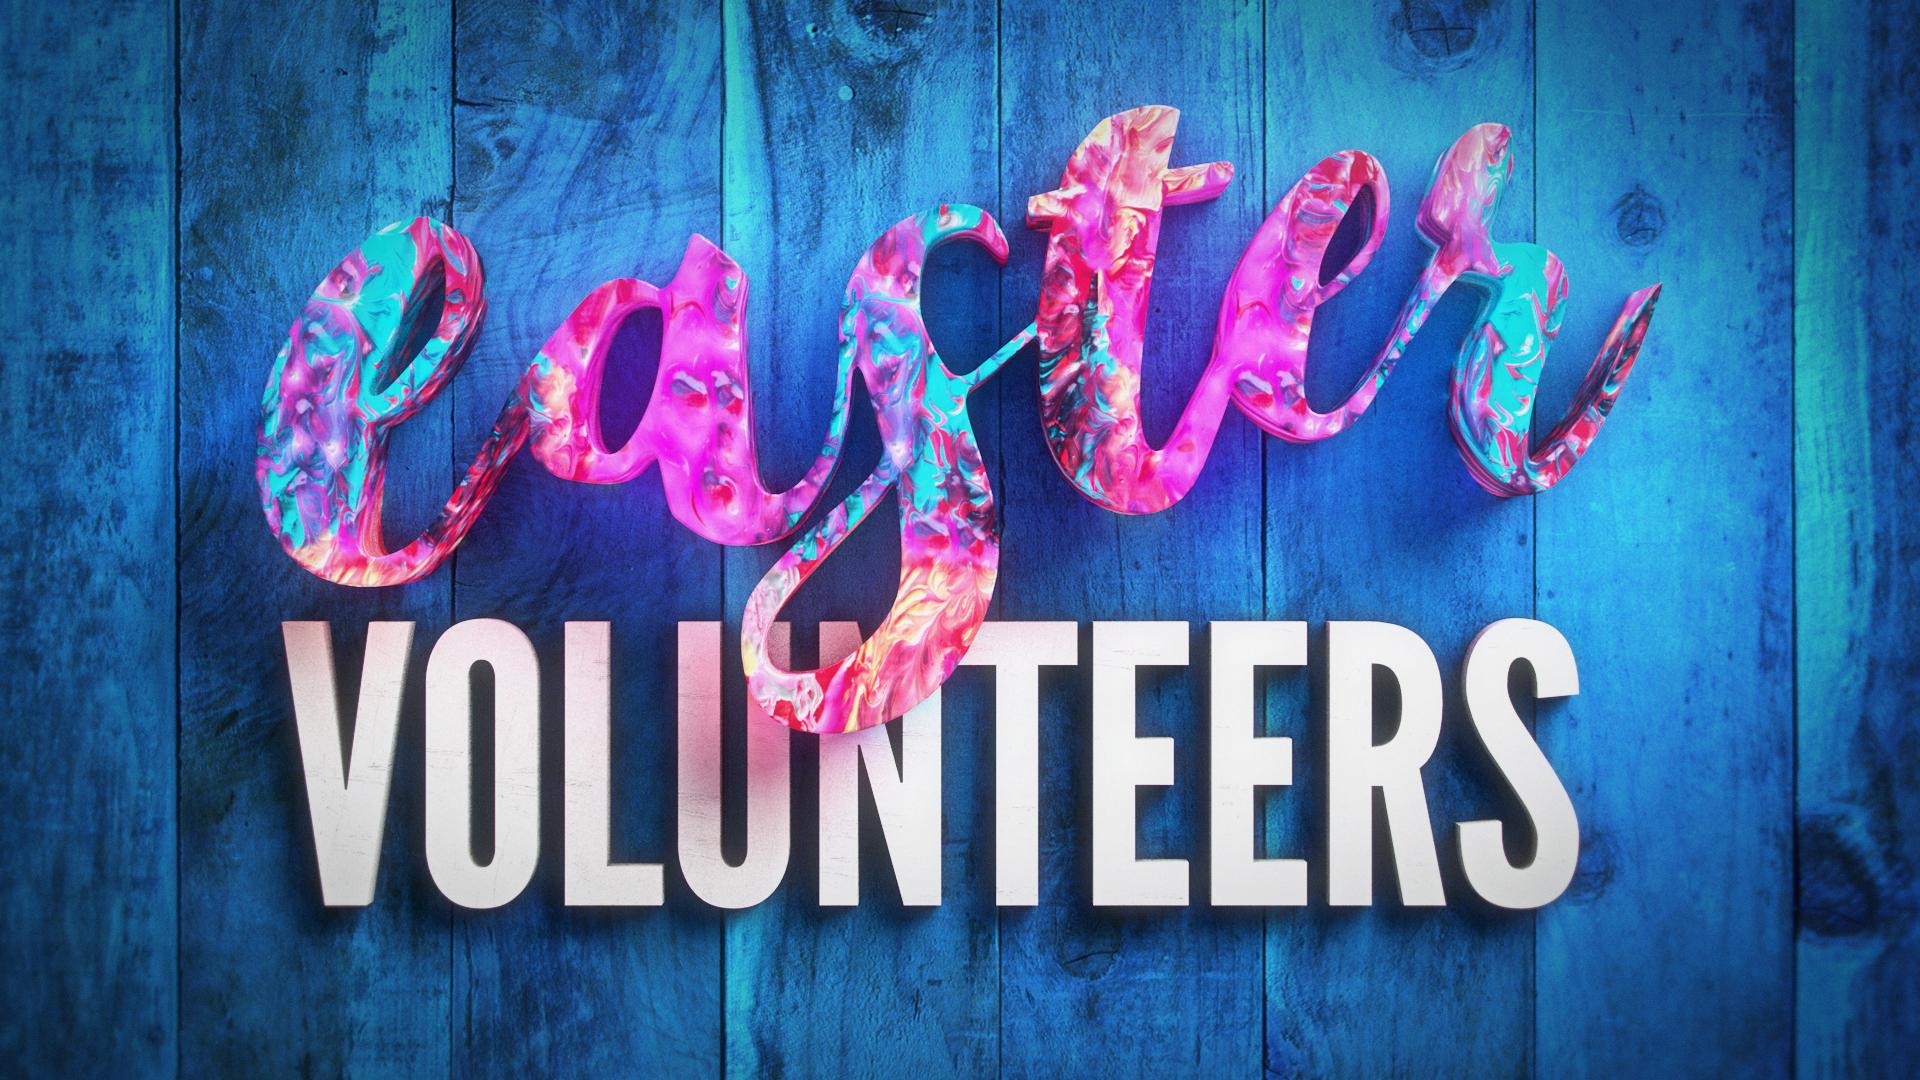 easter_volunteers.jpg